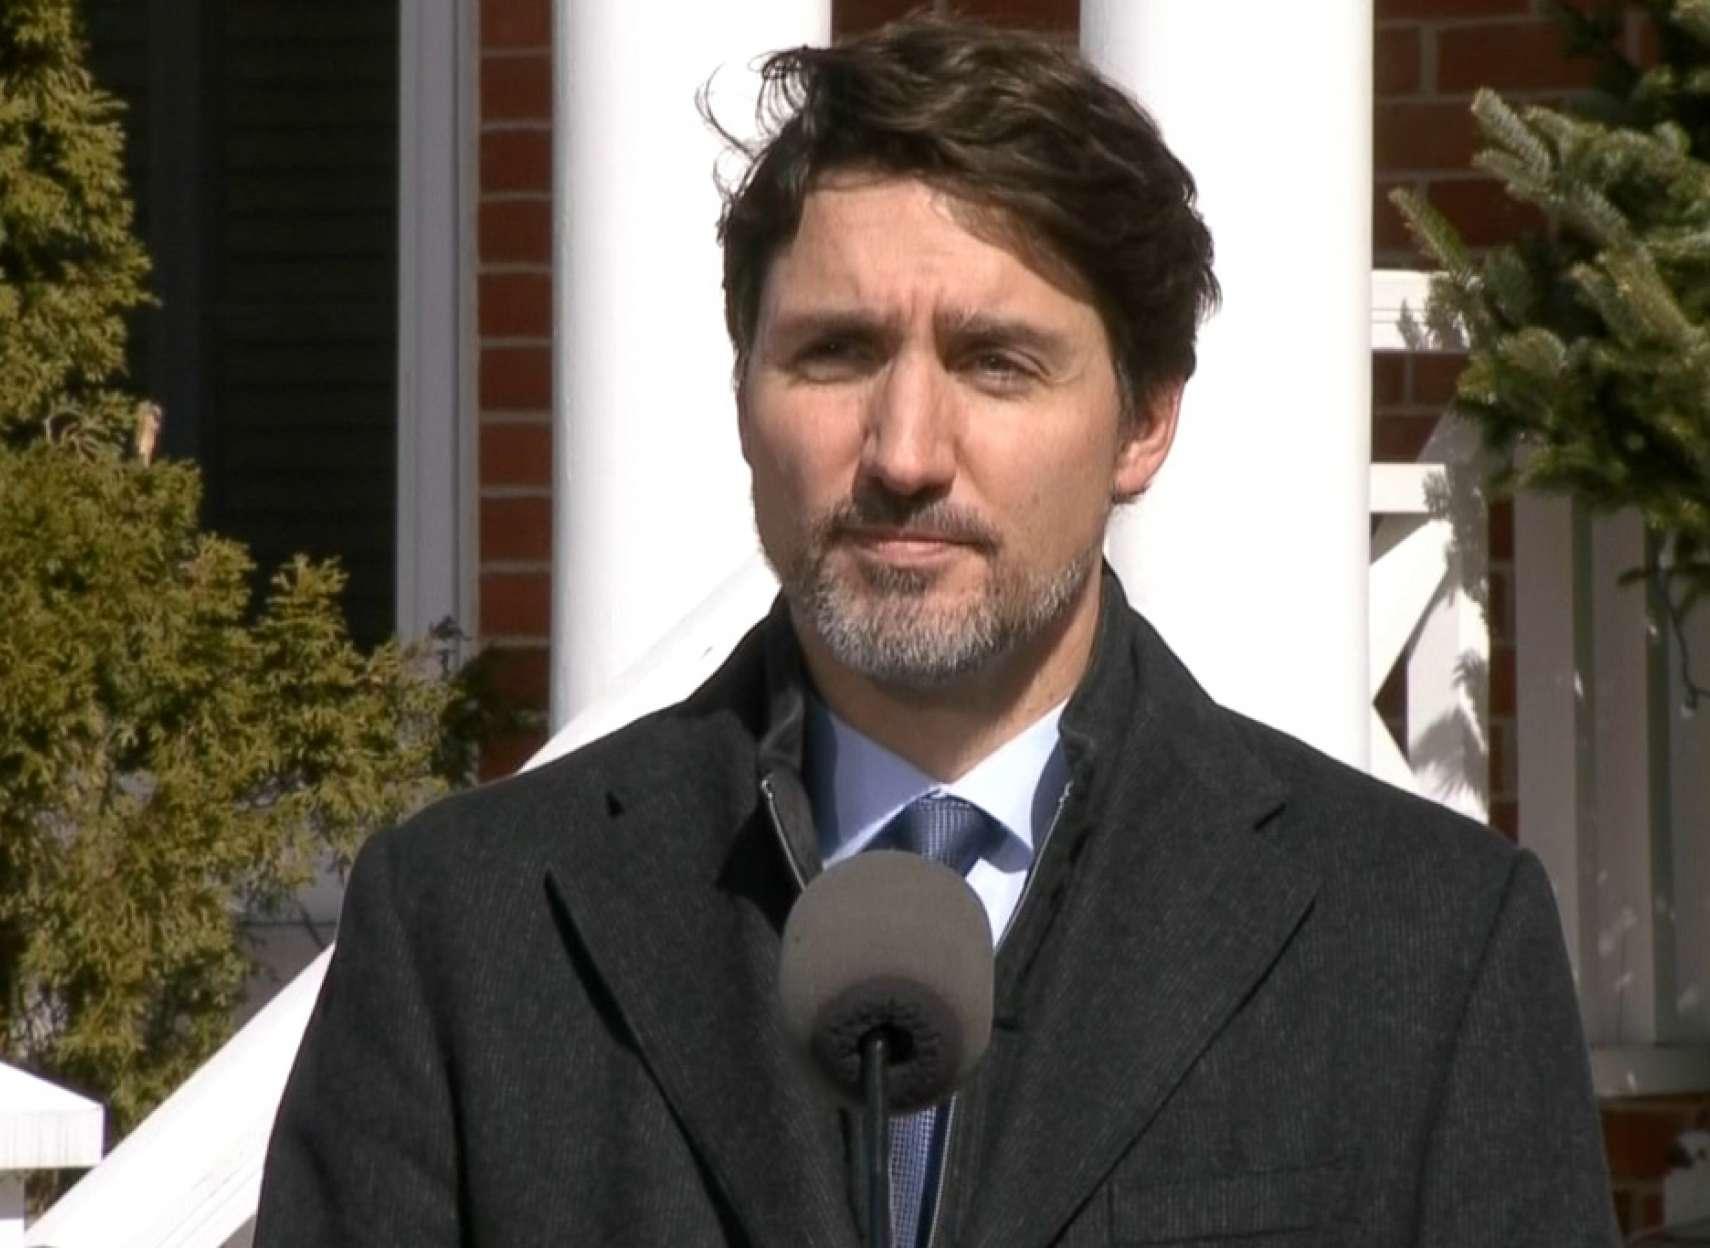 اخبار-کانادا-ترودو-مرزهای-کانادا-را-بست